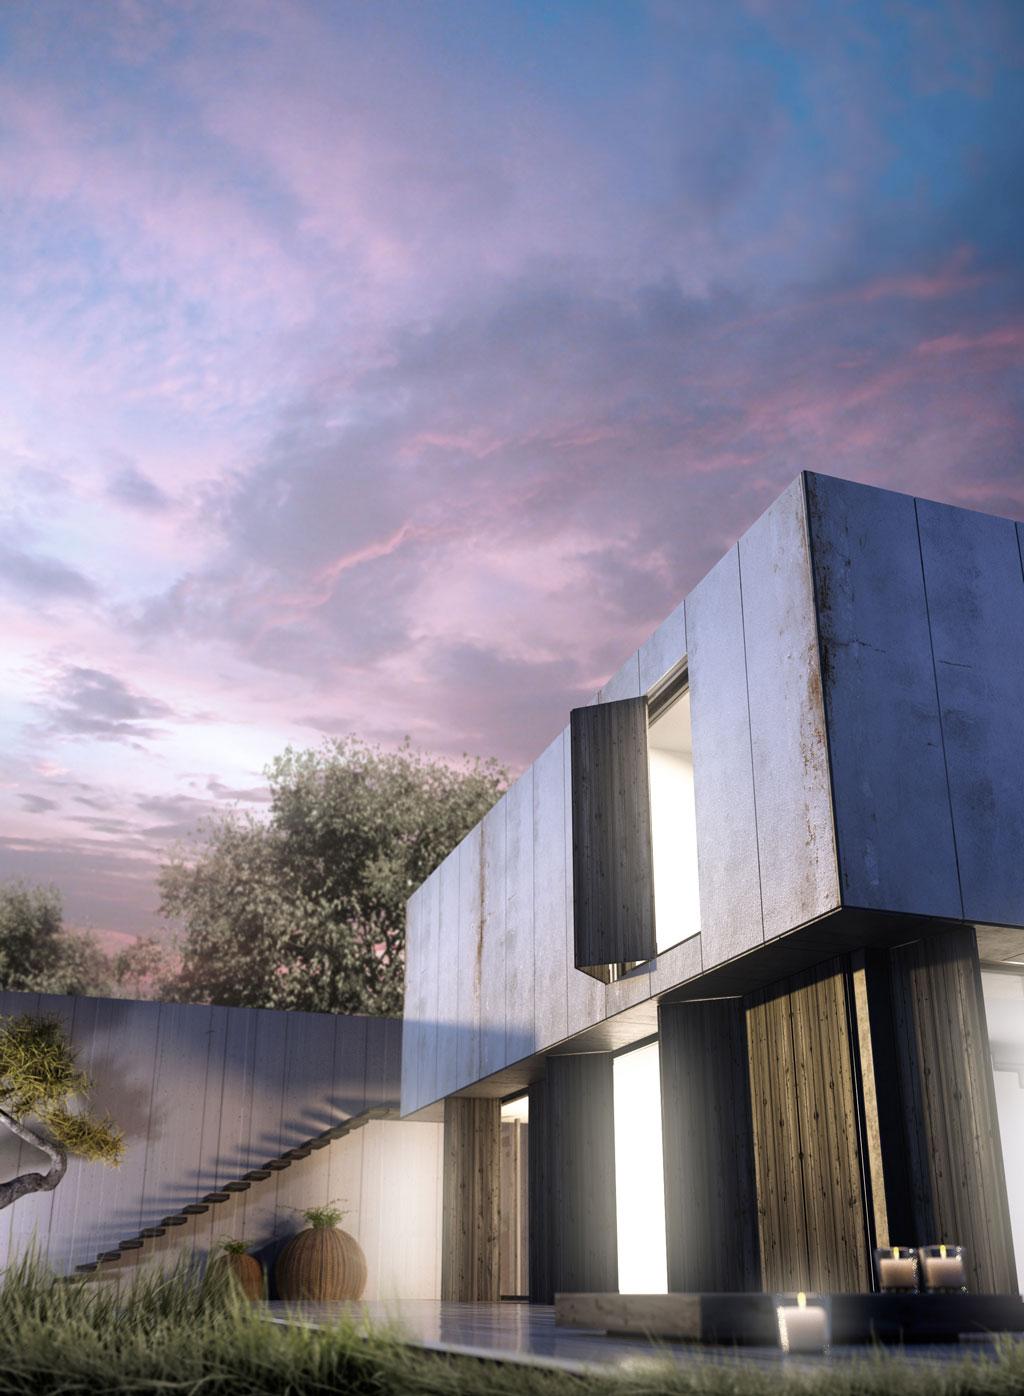 house-rendering-02